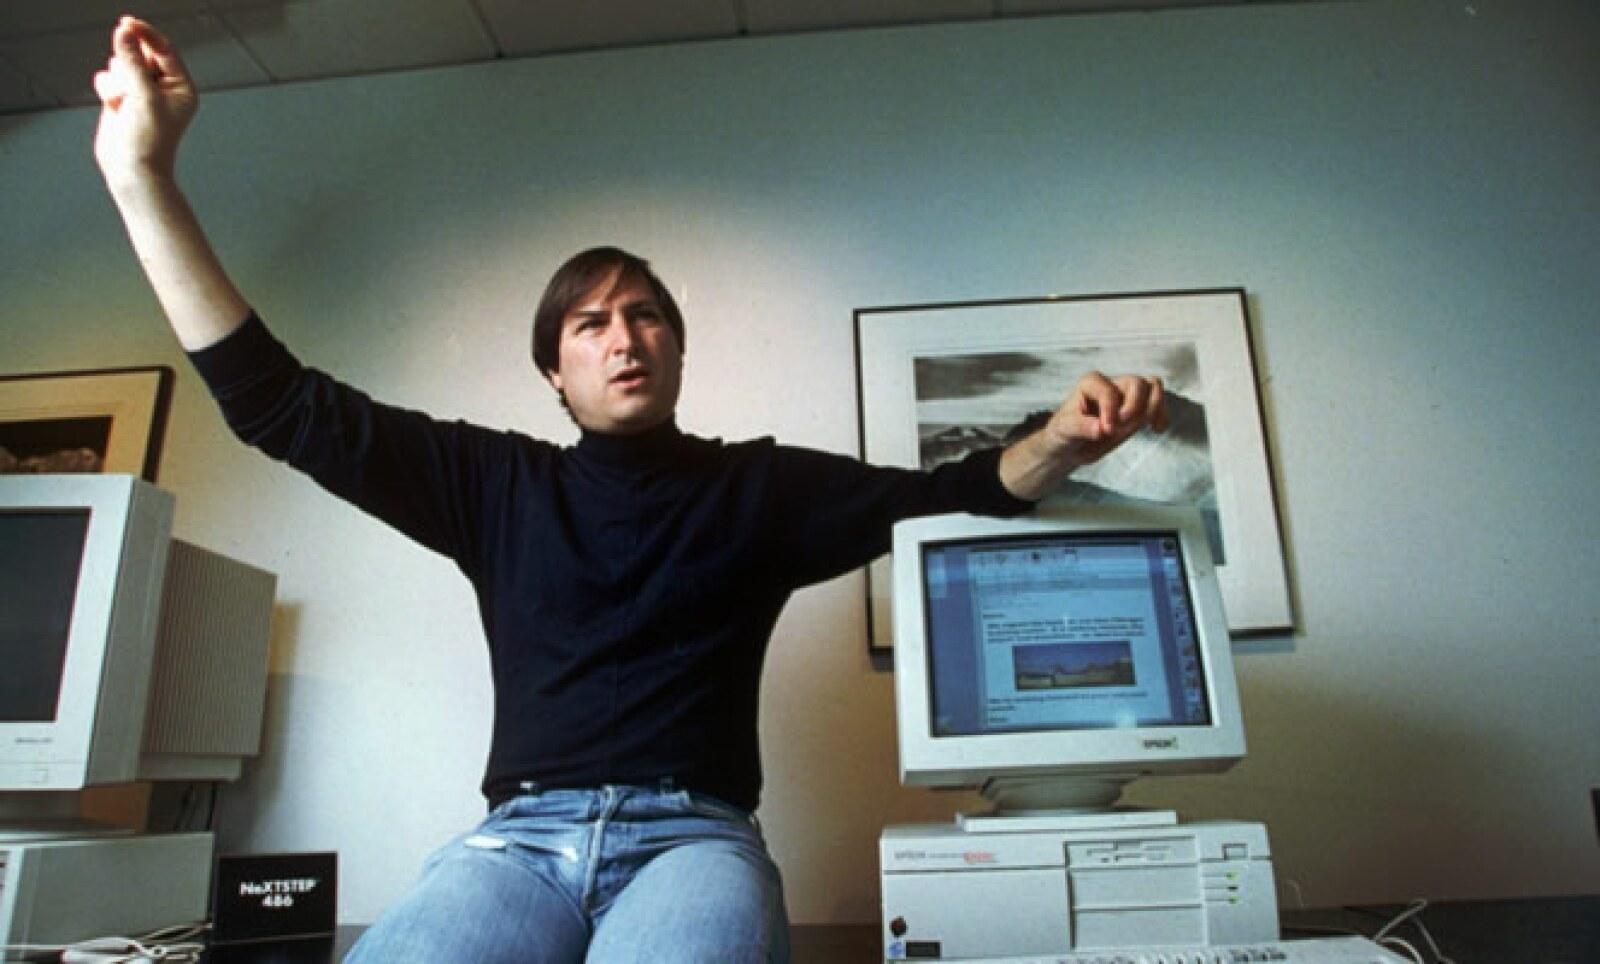 Steve Jobs fue criado por una familia adoptiva en Silicon Valley, que por entonces dejaba de ser un lugar de huertos y se convertía en hogar de trabajadores de Lockheed y otras compañías de tecnología, así como de la industria militar.